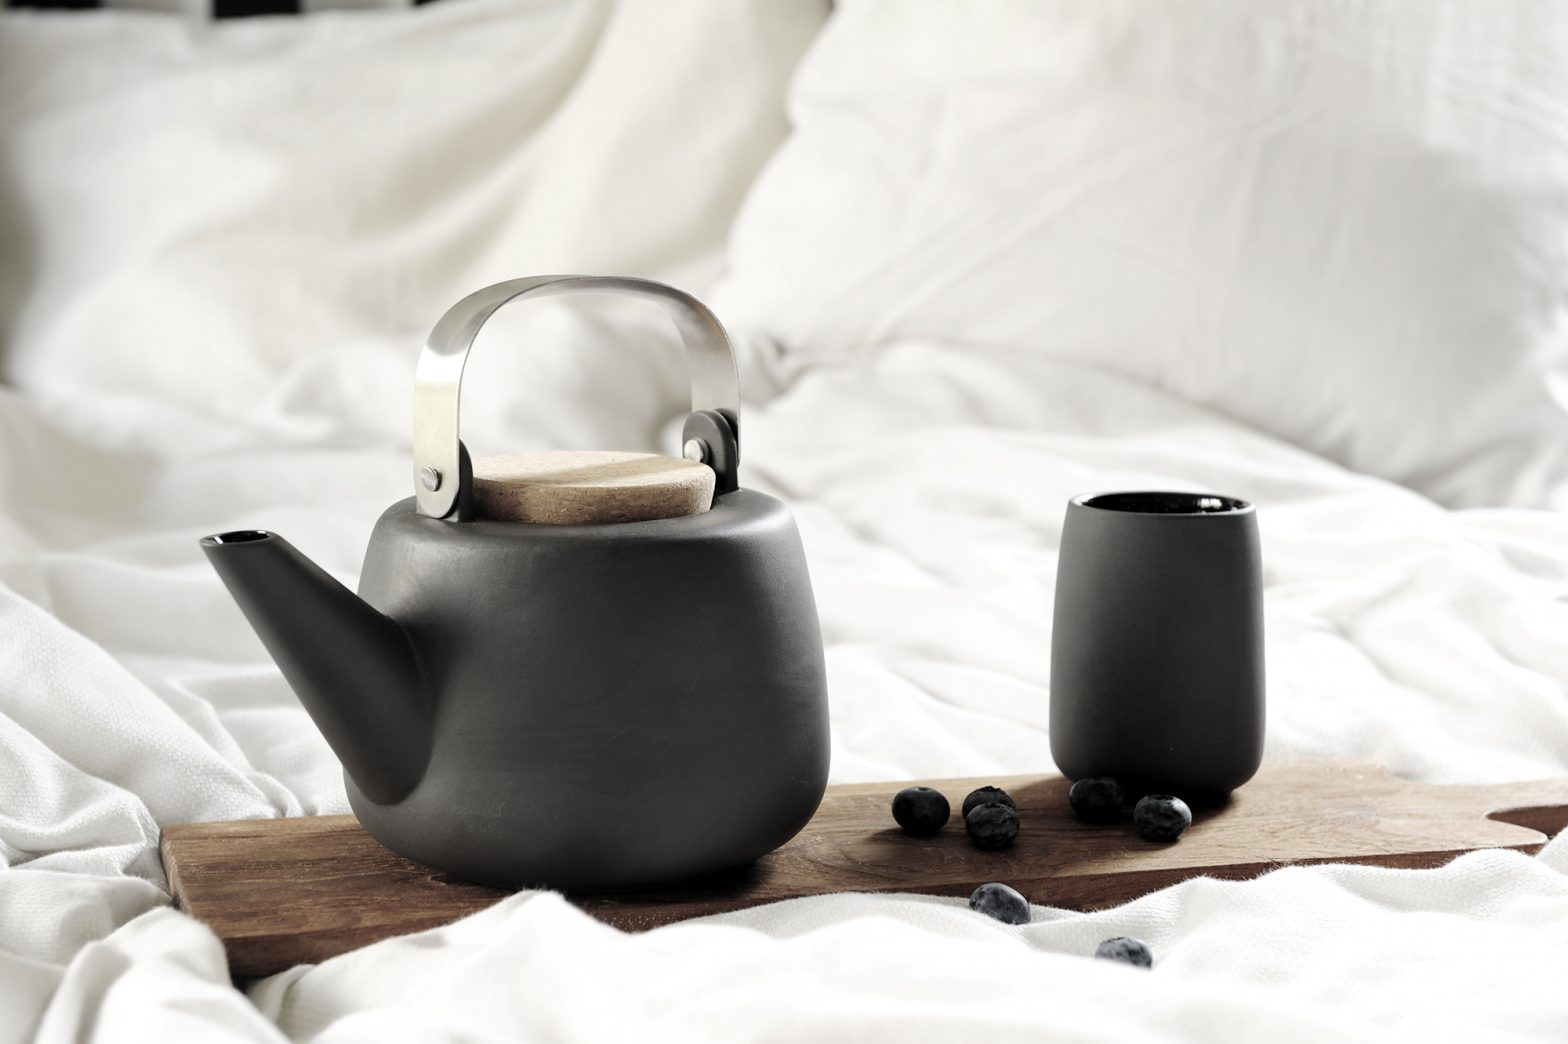 De beste manier om thee te zetten